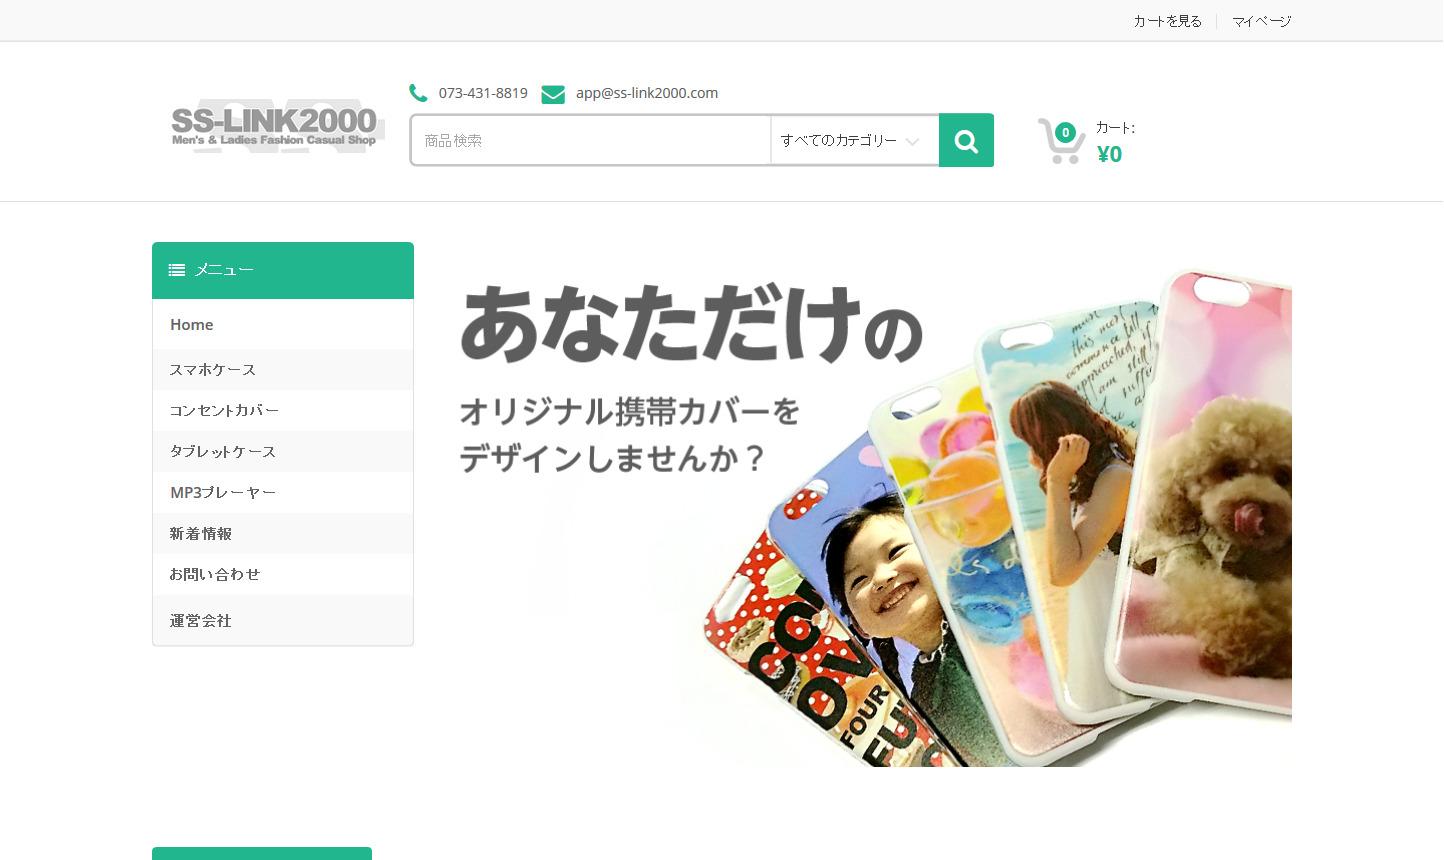 ss-link2000.com